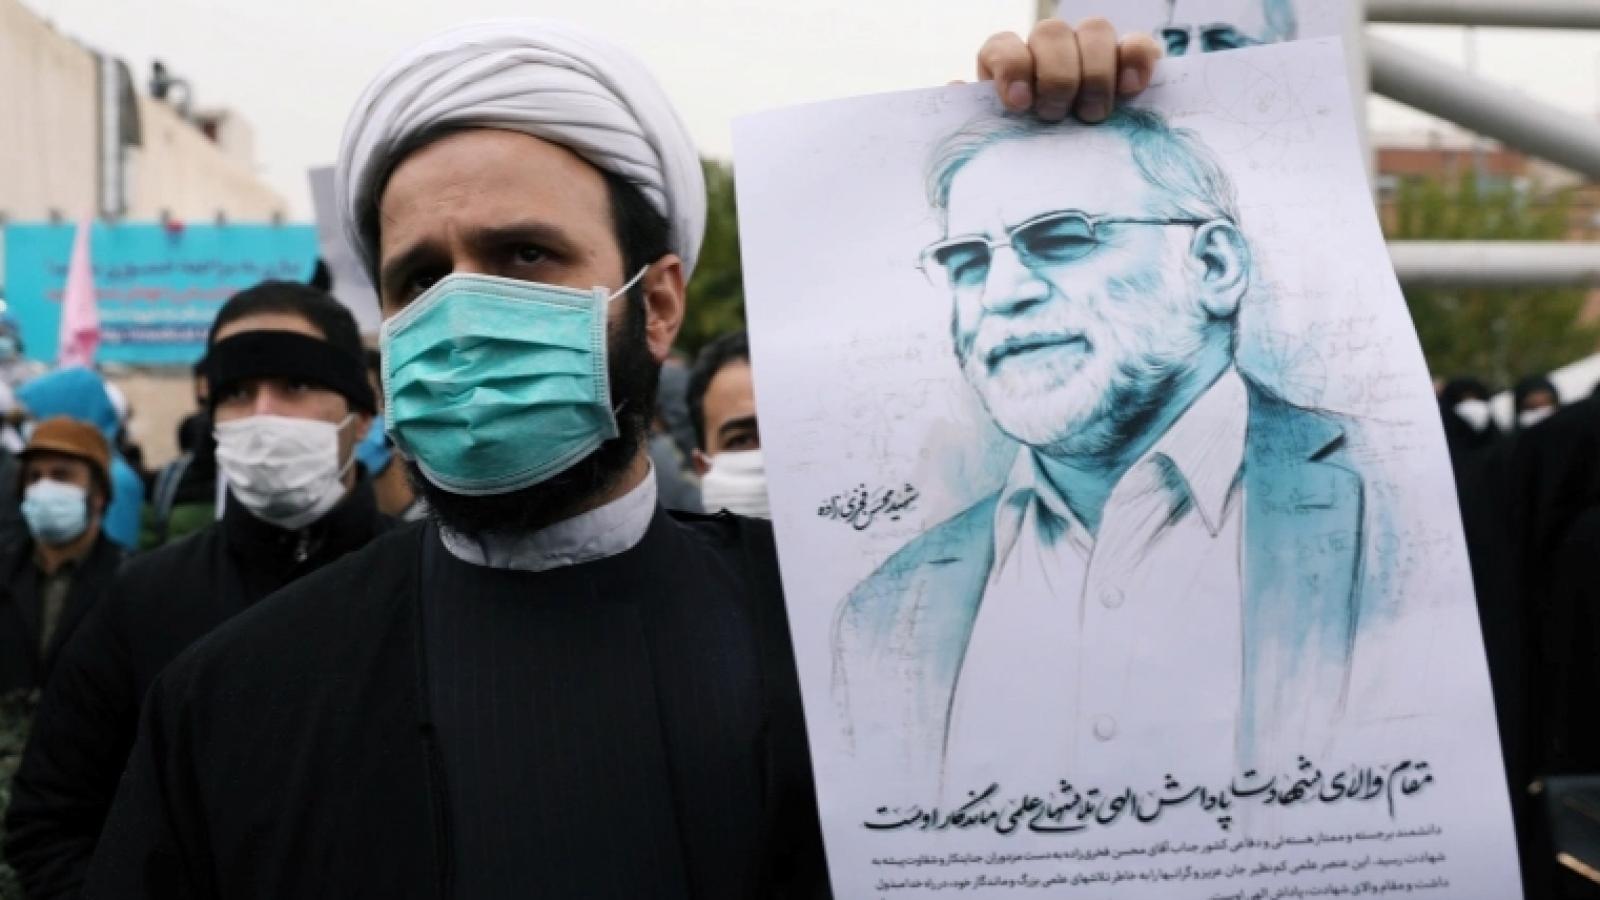 Các nước tiếp tục lên án vụ ám sát nhà khoa học hạt nhân Iran